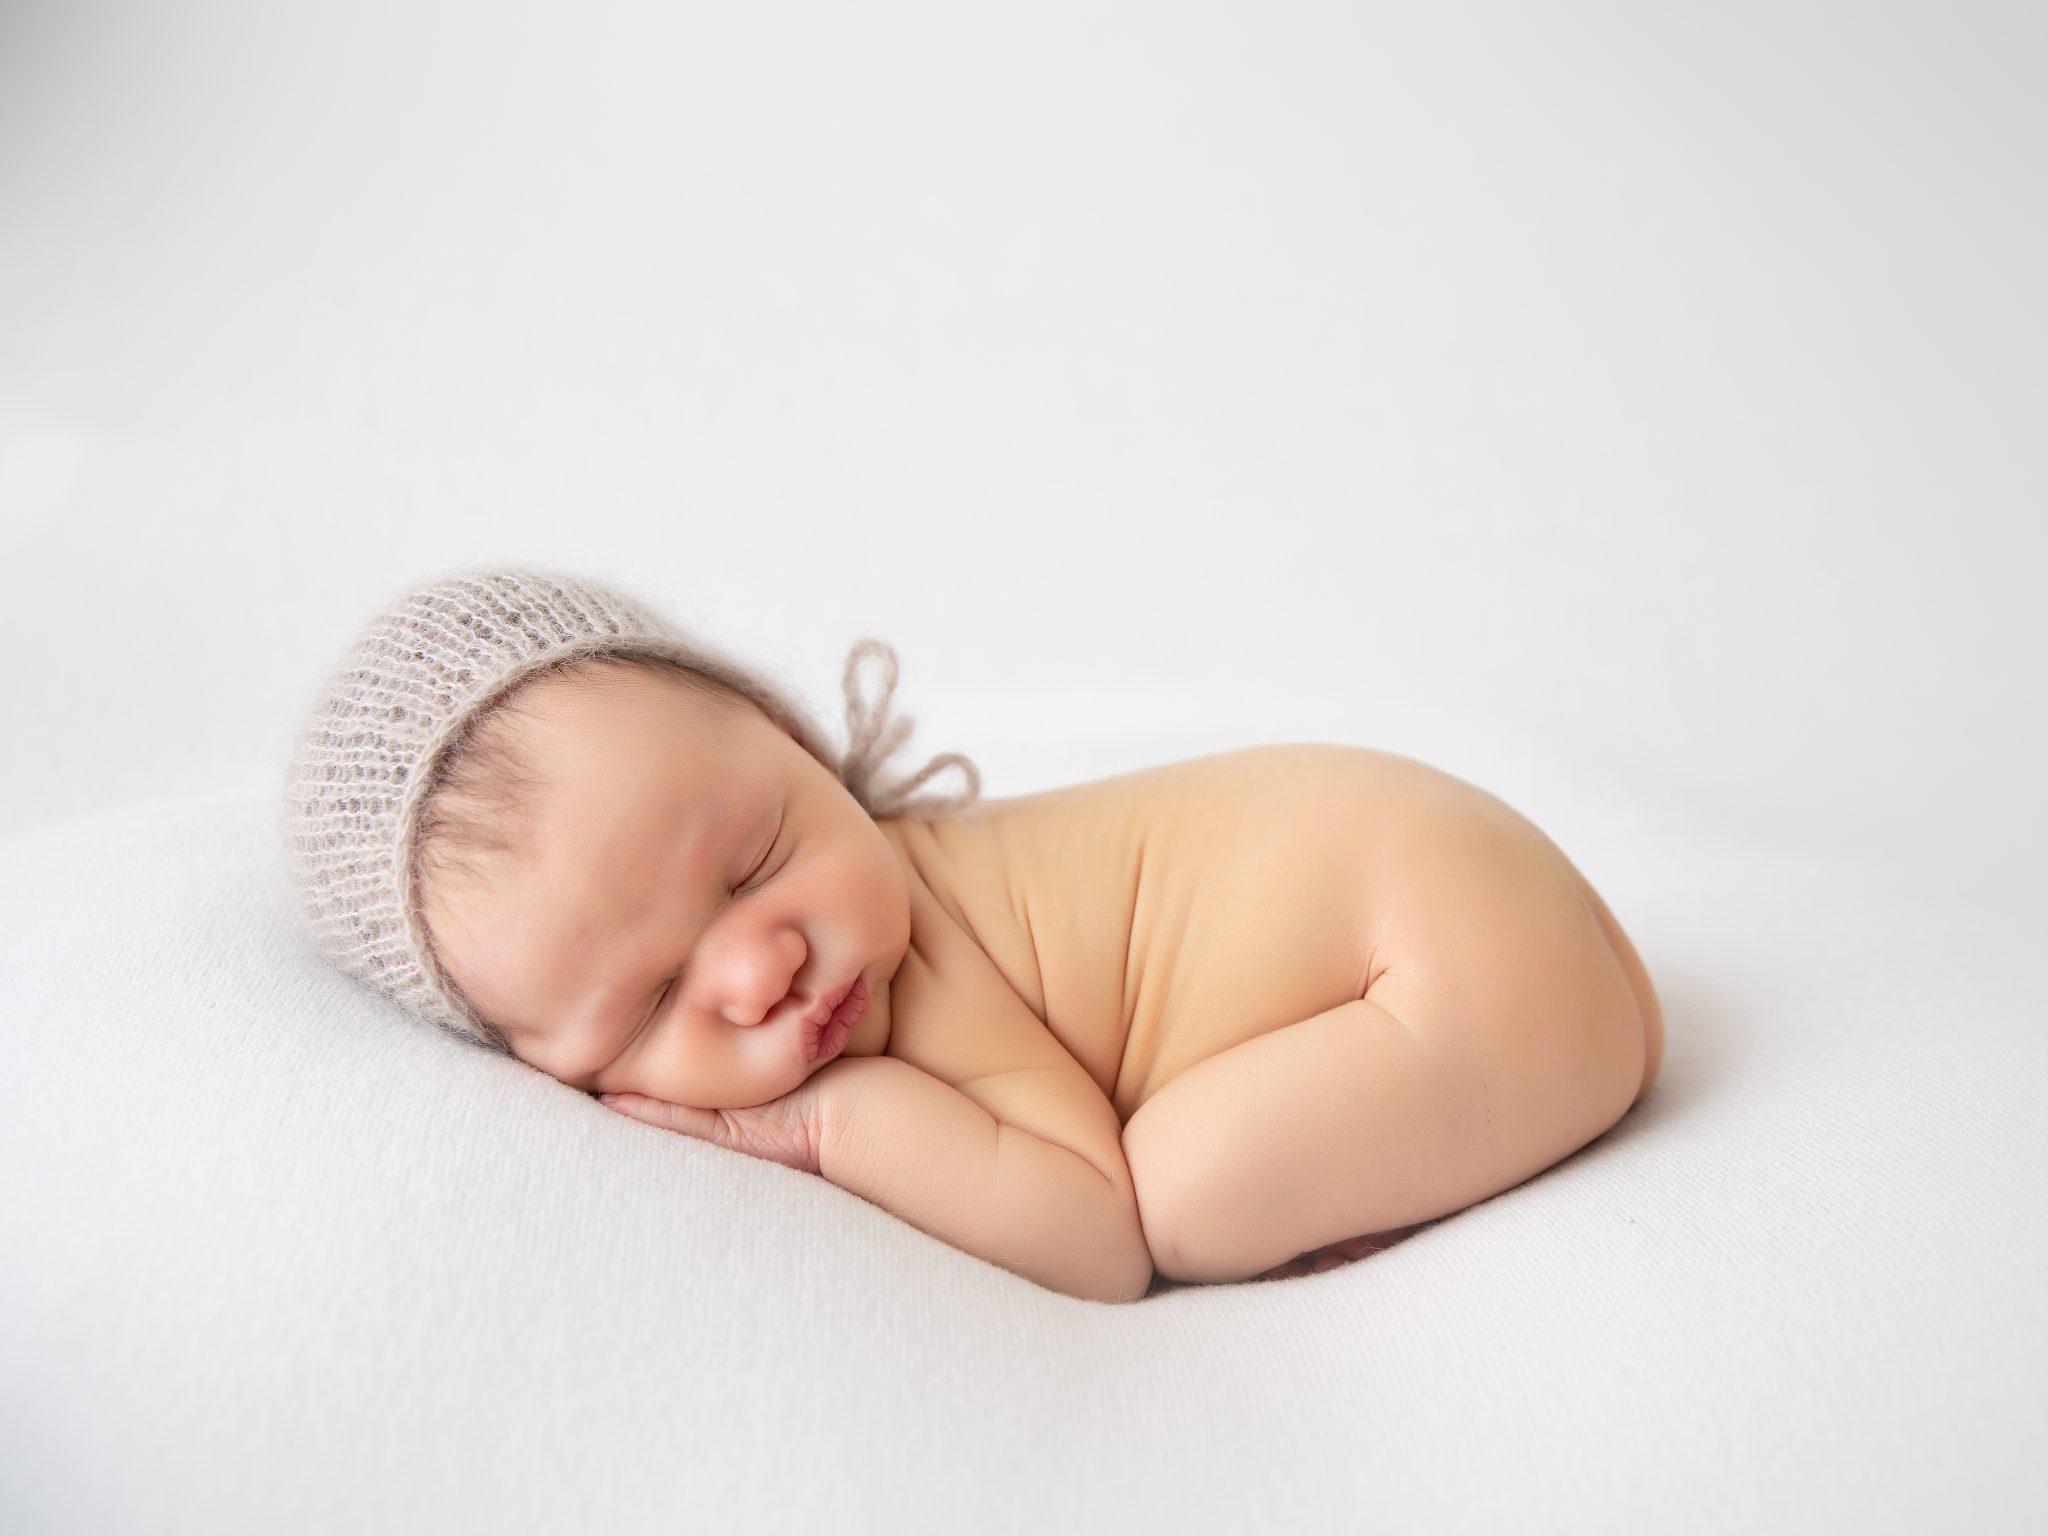 estudio fotografico madrid Recien nacidos